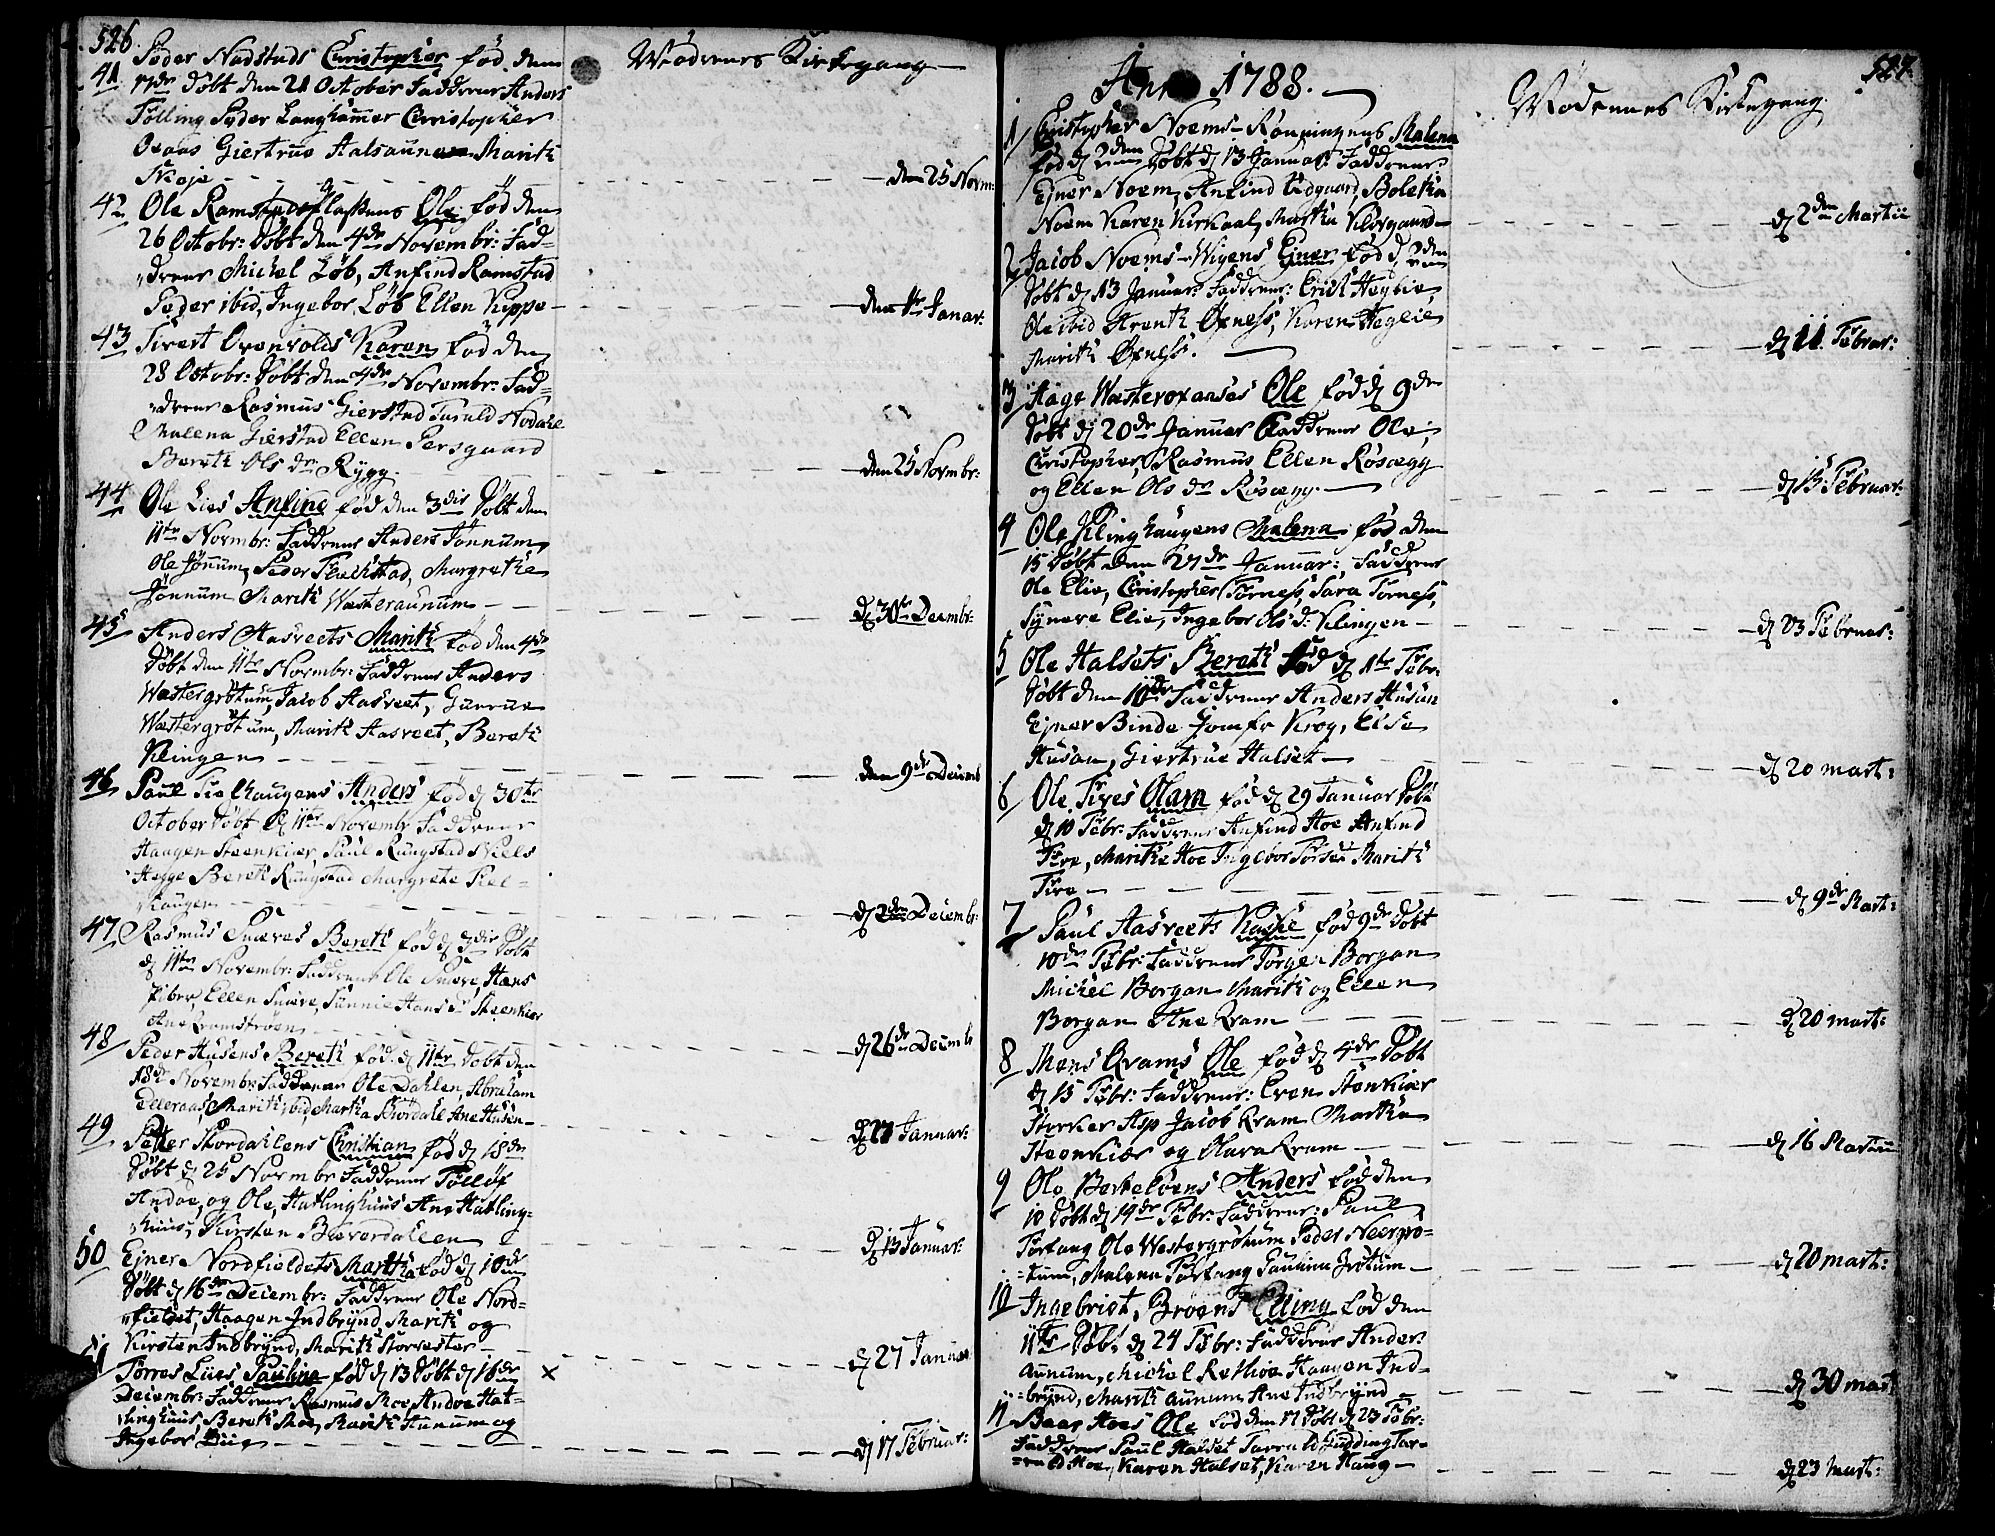 SAT, Ministerialprotokoller, klokkerbøker og fødselsregistre - Nord-Trøndelag, 746/L0440: Ministerialbok nr. 746A02, 1760-1815, s. 526-527